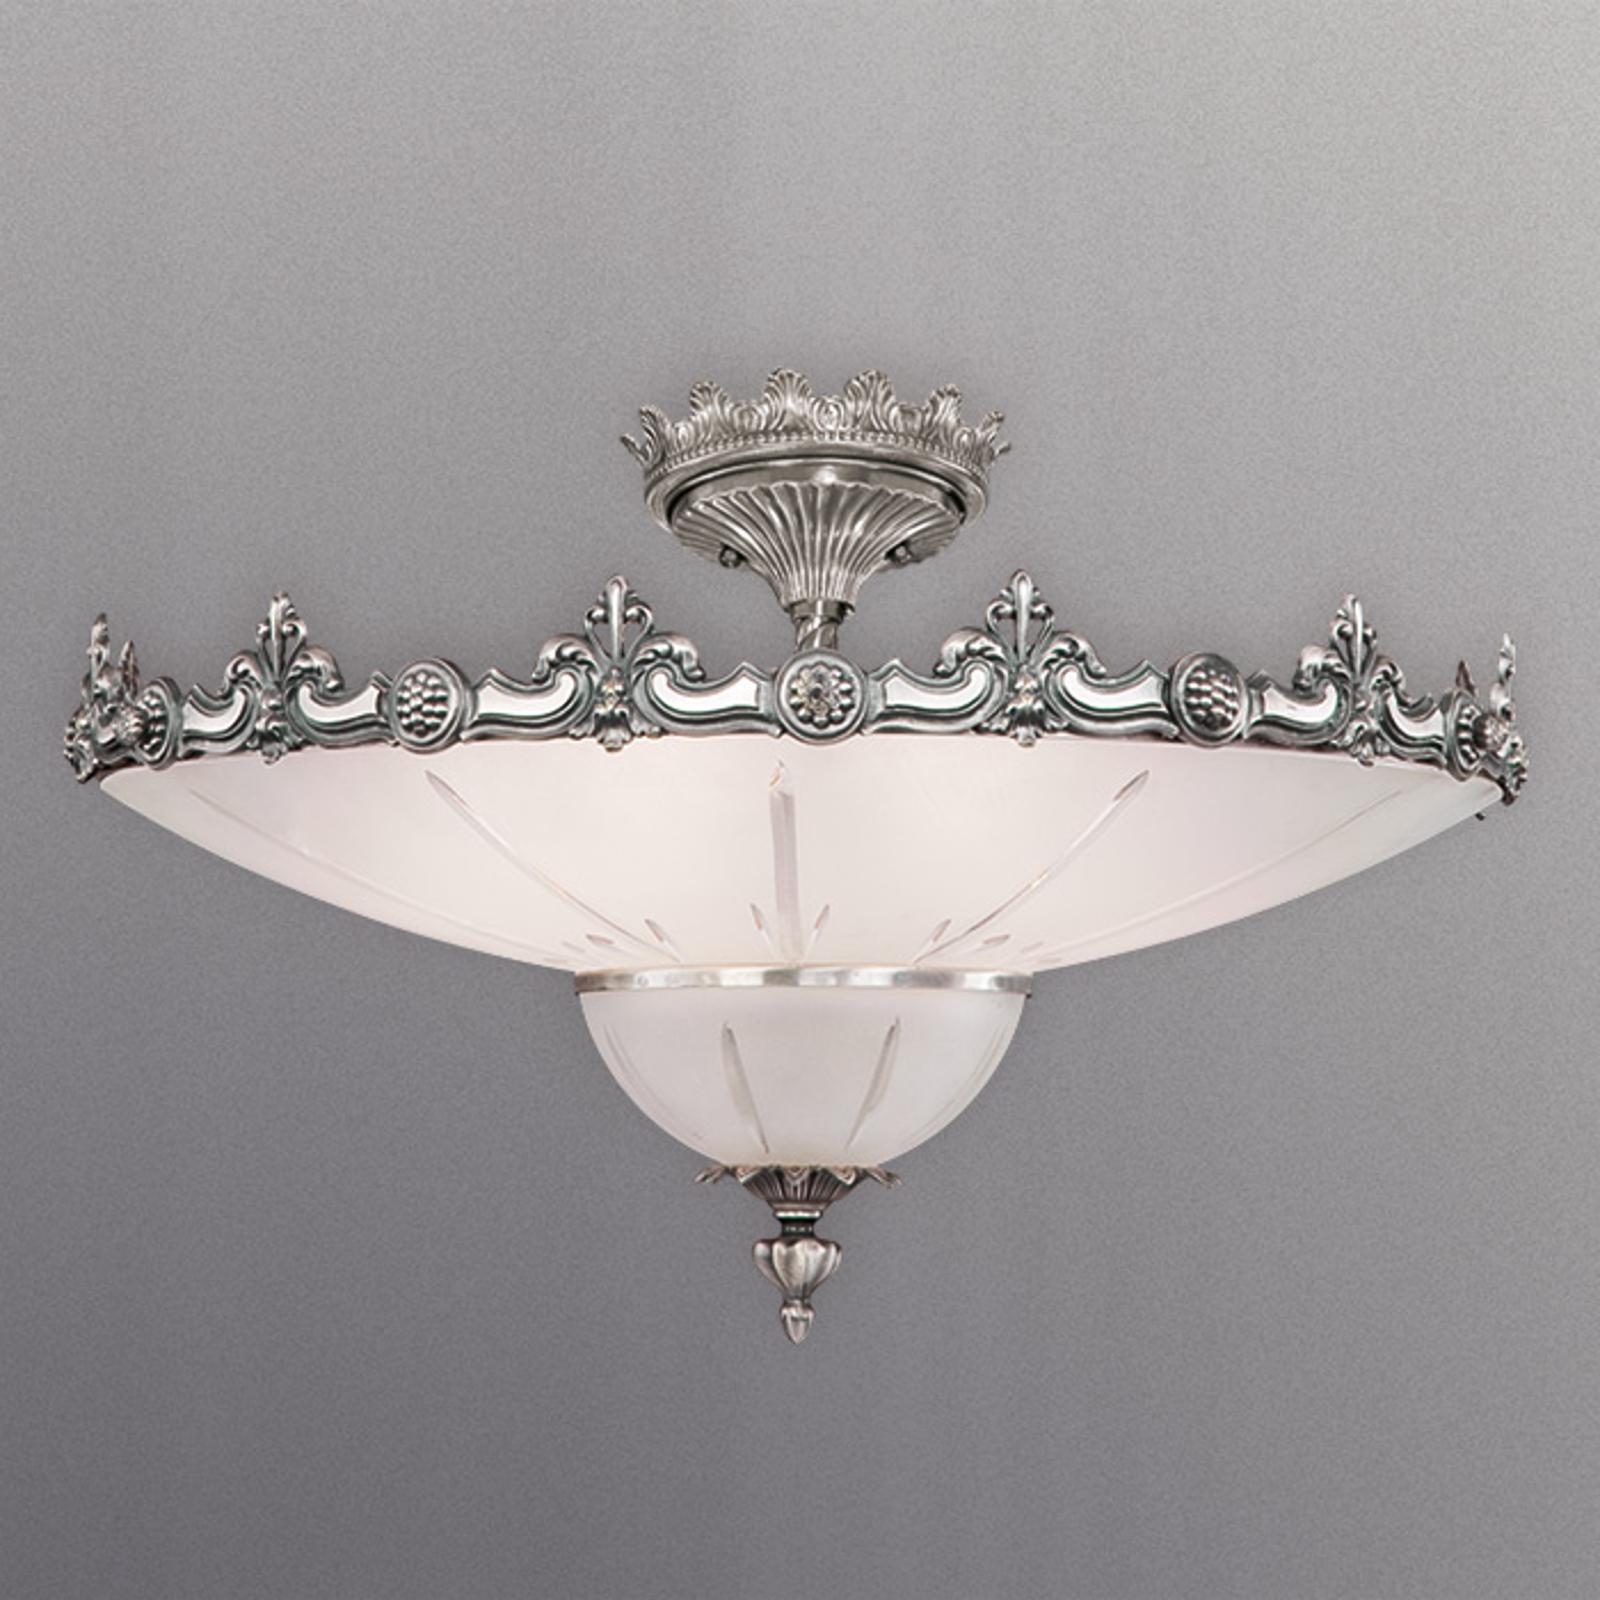 Sølvdekoreret loftslampe Stephanie